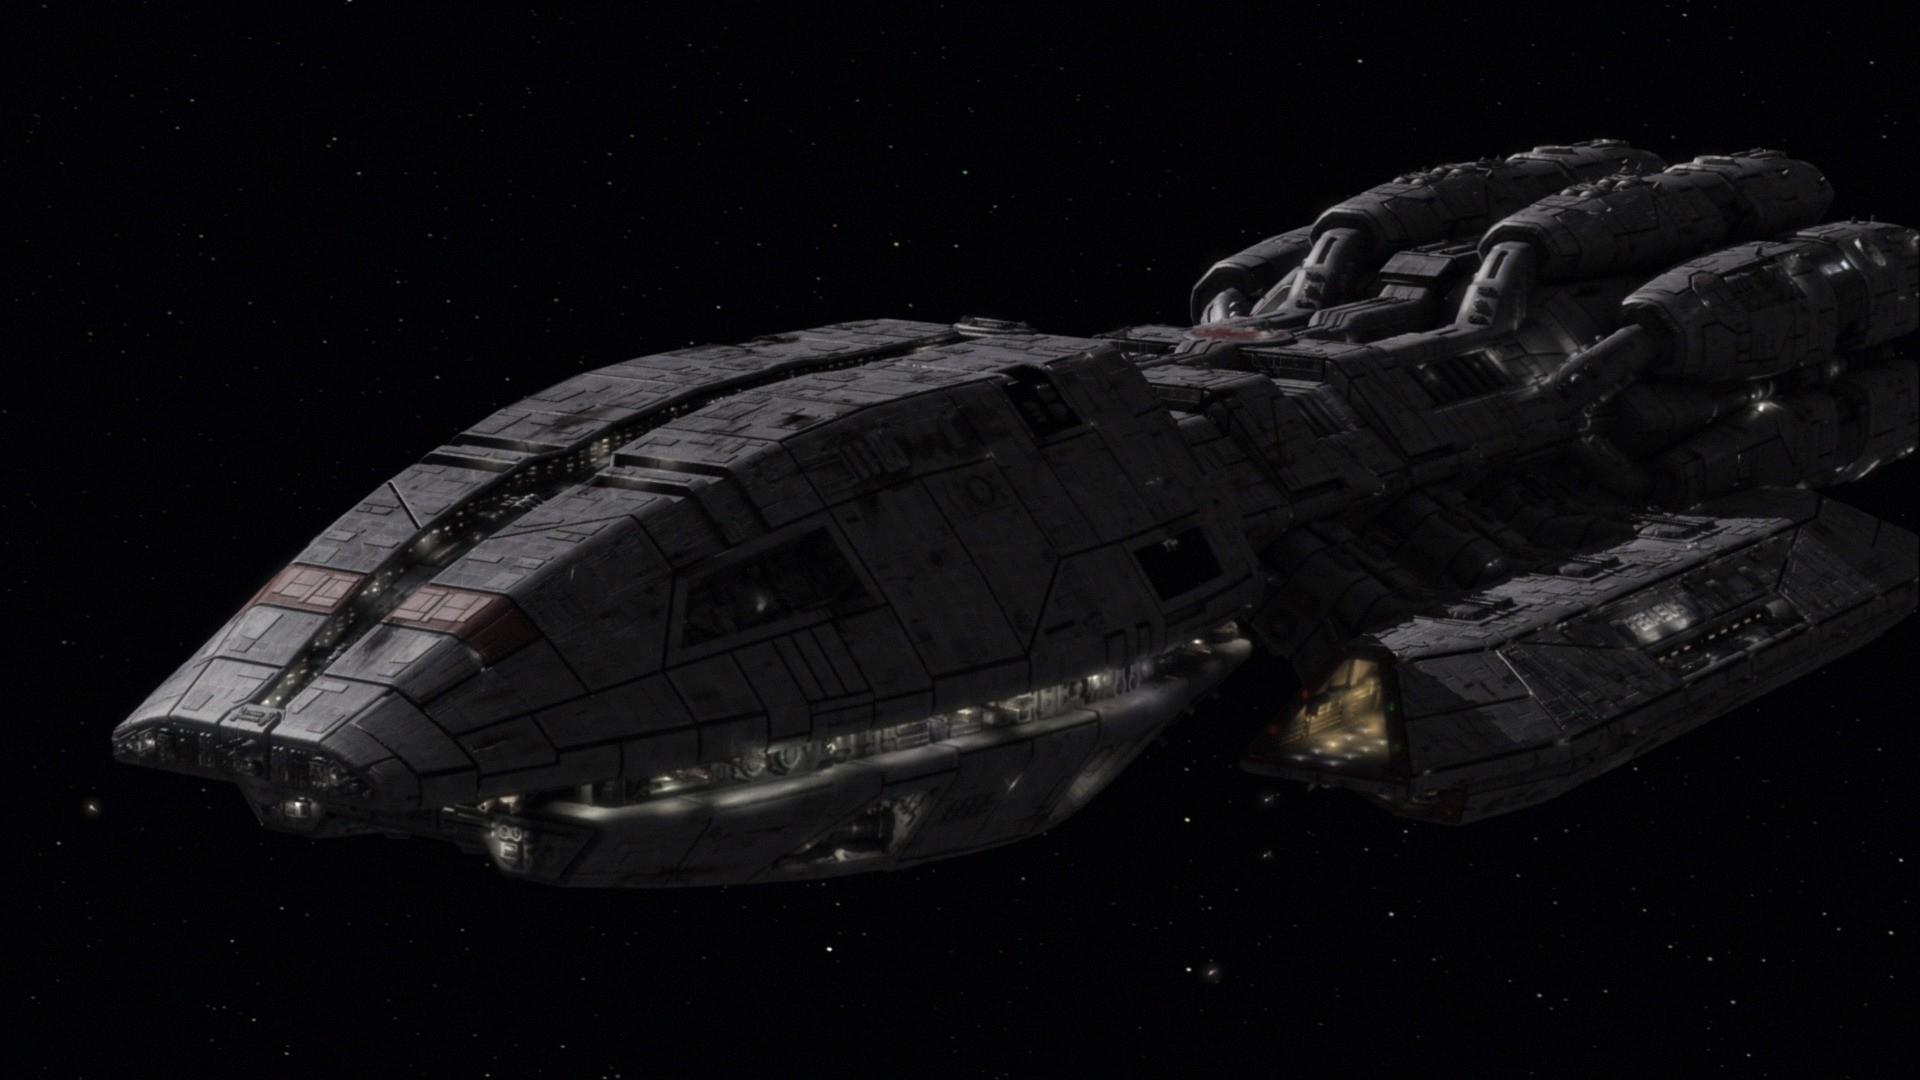 battlestar-galactica-pegasus-walpapers-1920×1080-wallpaper-wpc5802573